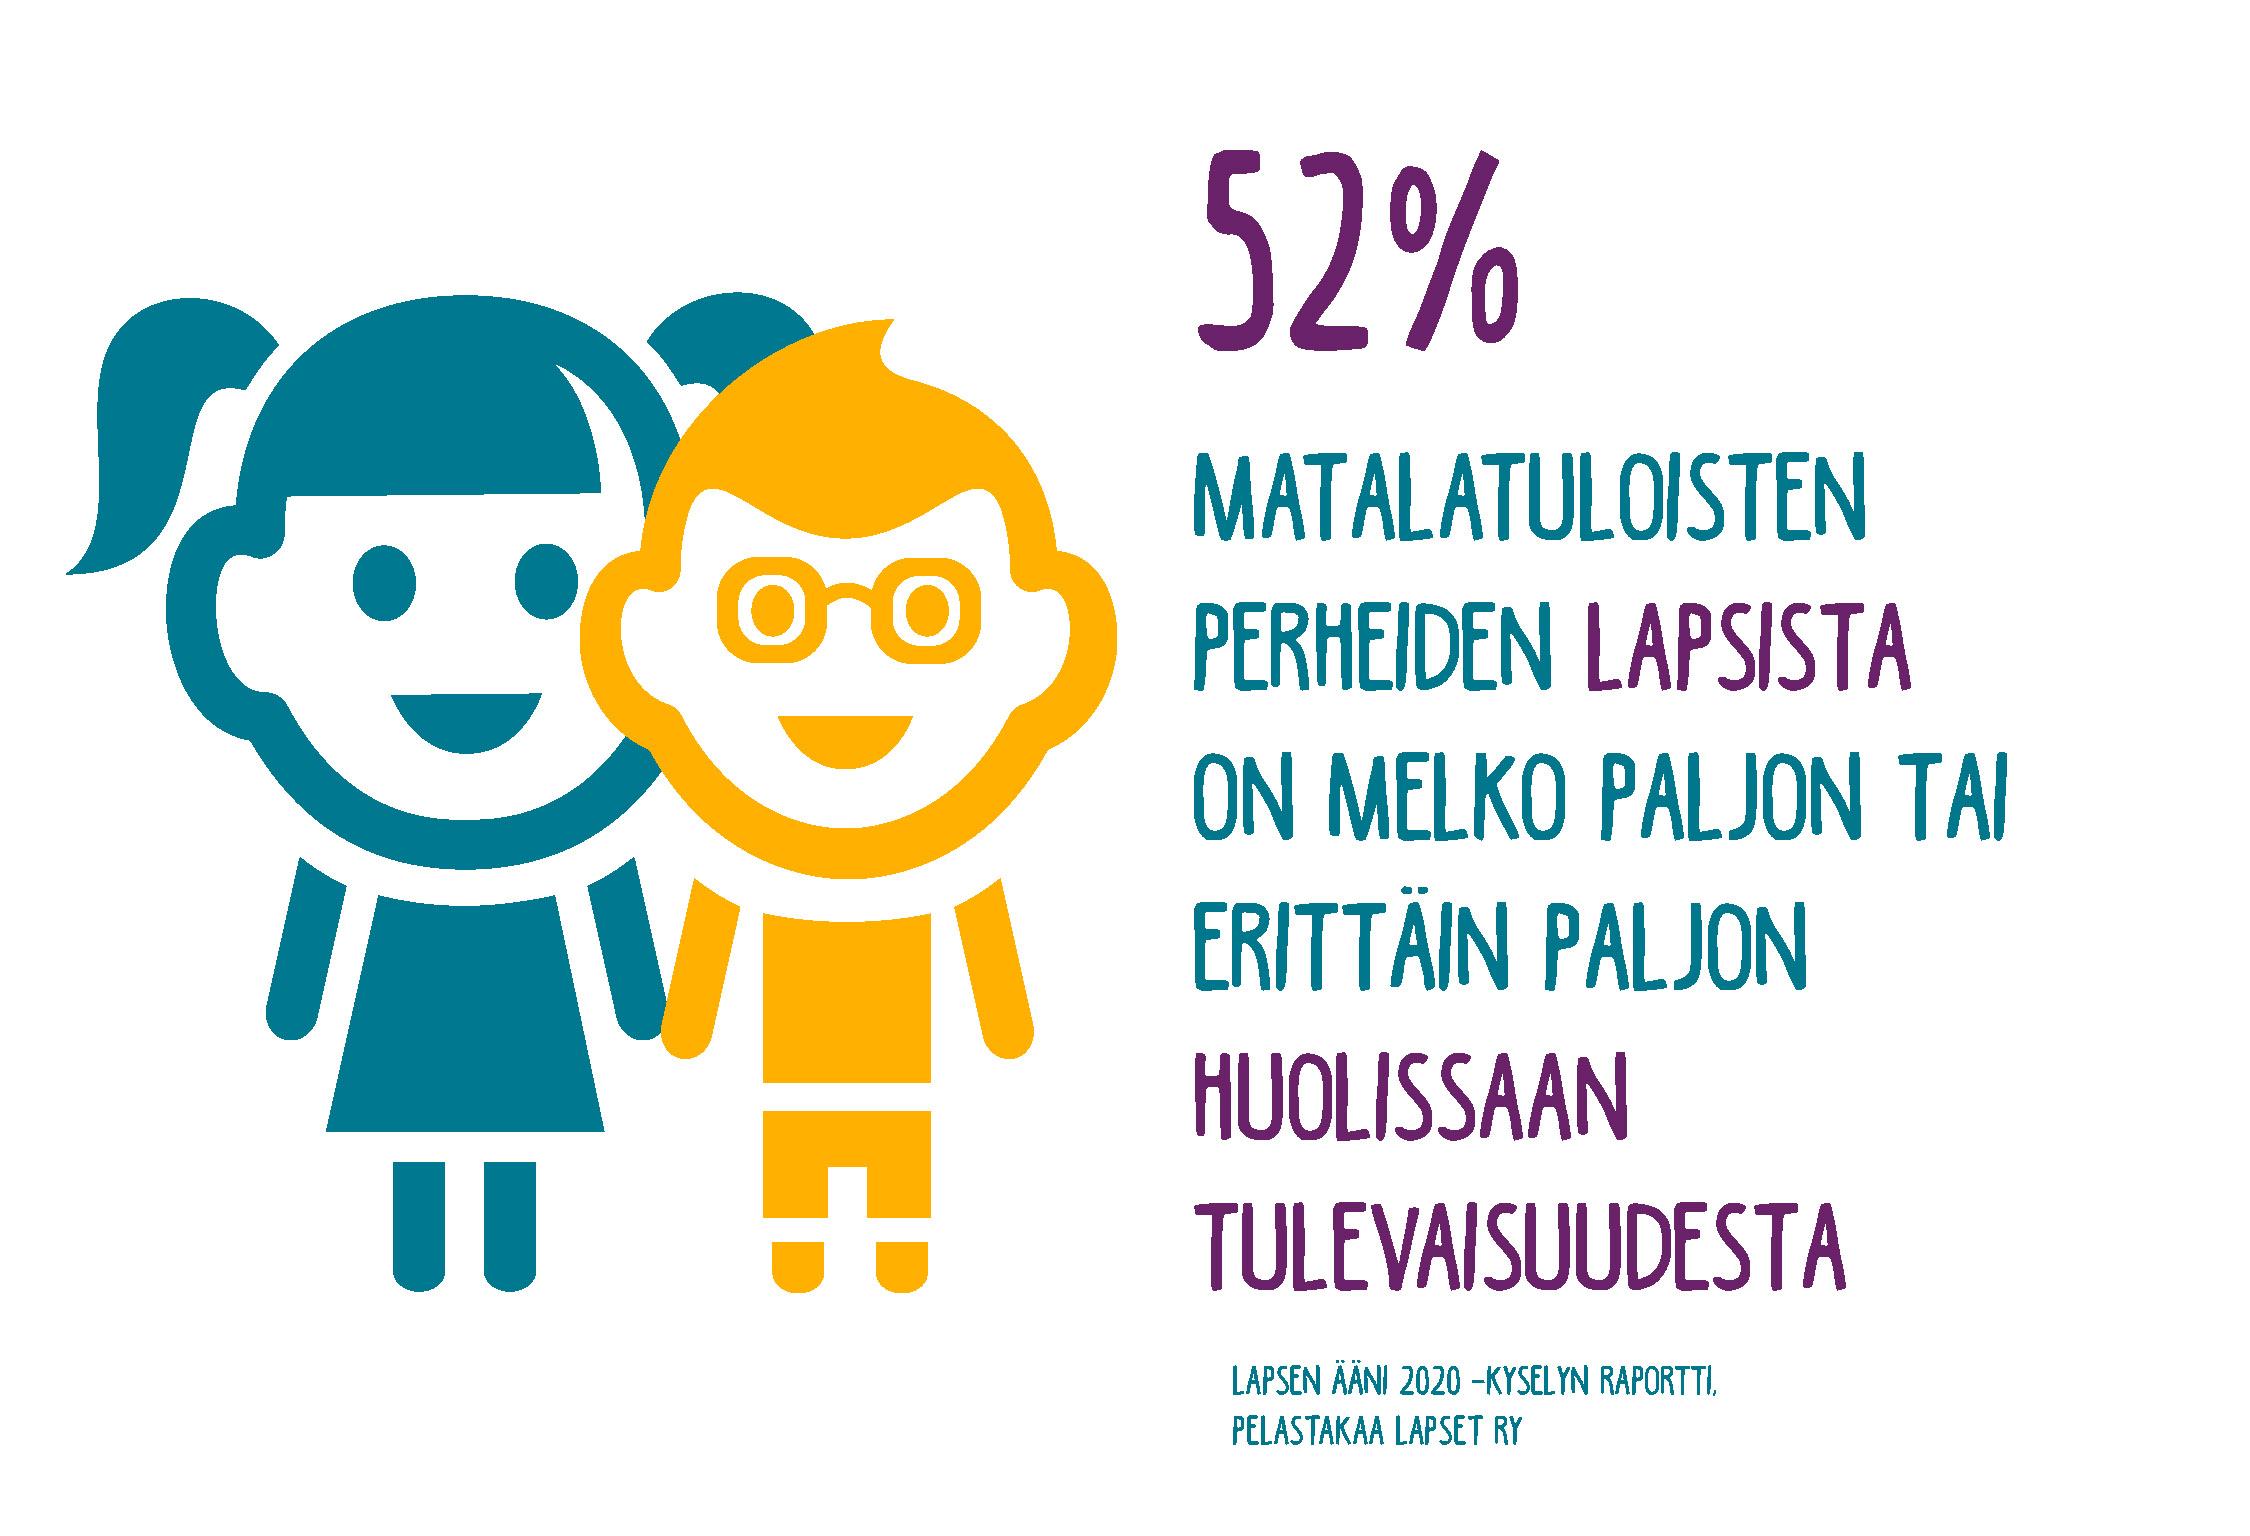 Anna ääni lapselle: 52% matalatuloisten perheiden lapsista on melko paljon tai erittäin paljon huolissaan tulevaisuudesta (Lähde: Pelastakaa Lapset ry:n kysely Lapsen ääni 2020). .